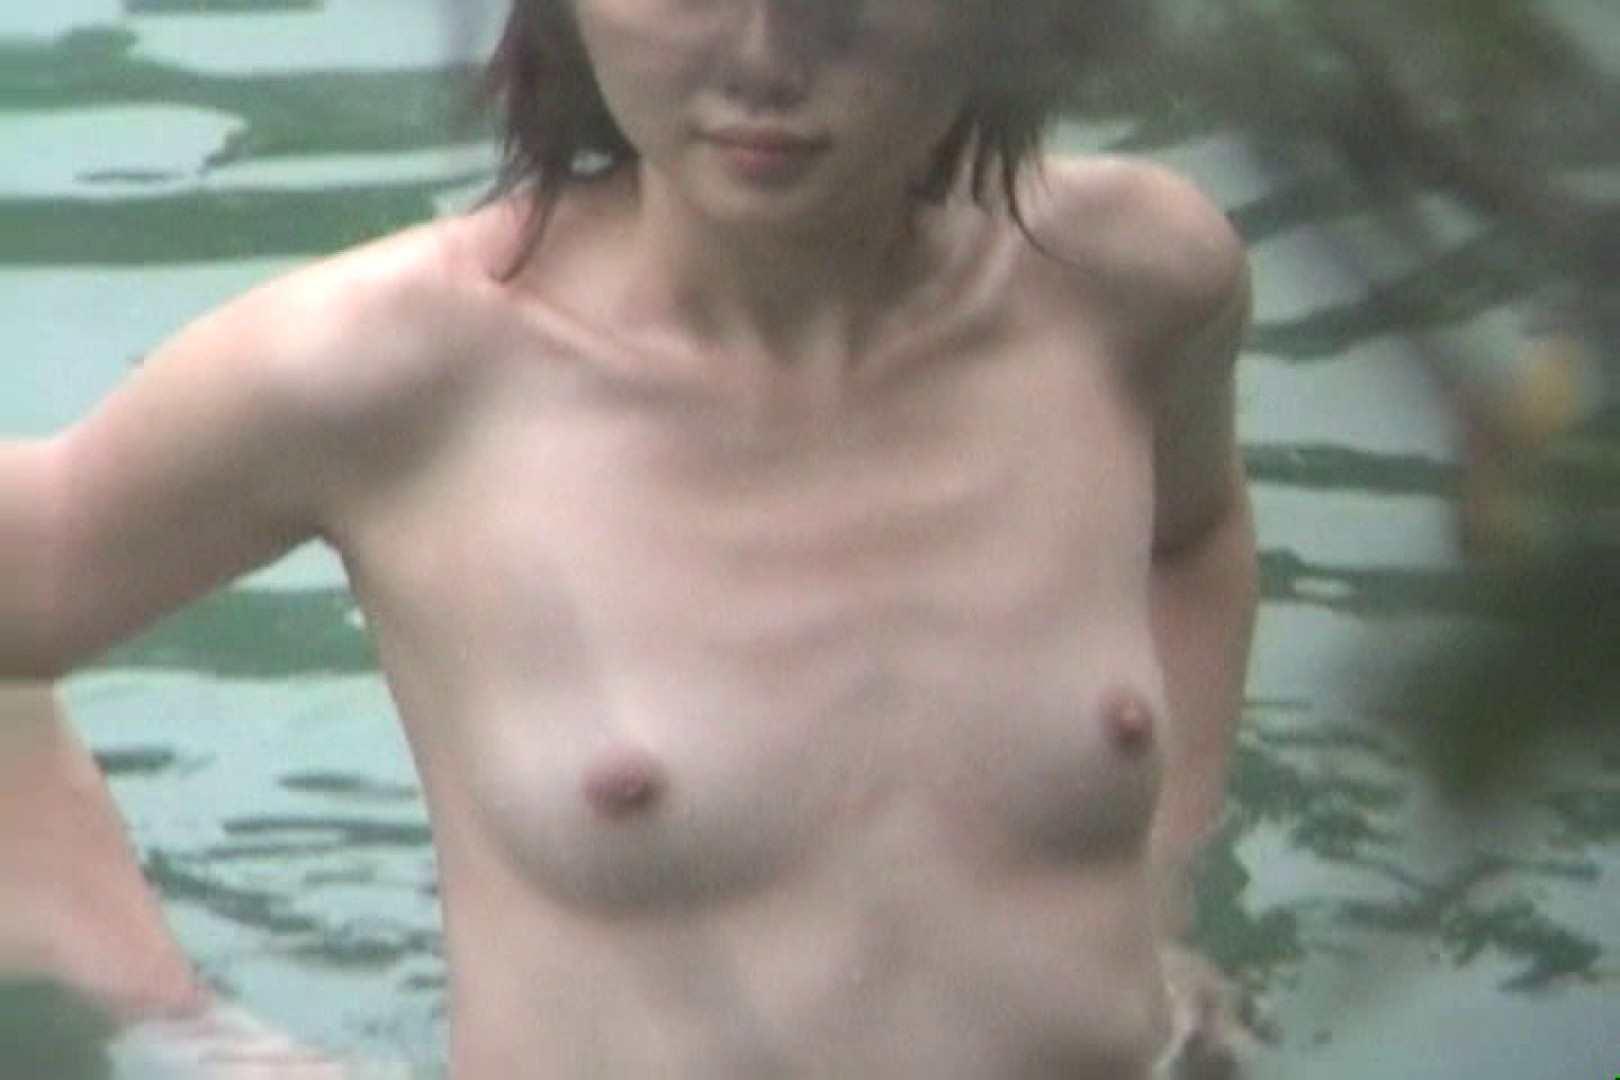 Aquaな露天風呂Vol.71【VIP限定】 OLのエロ生活  22連発 18